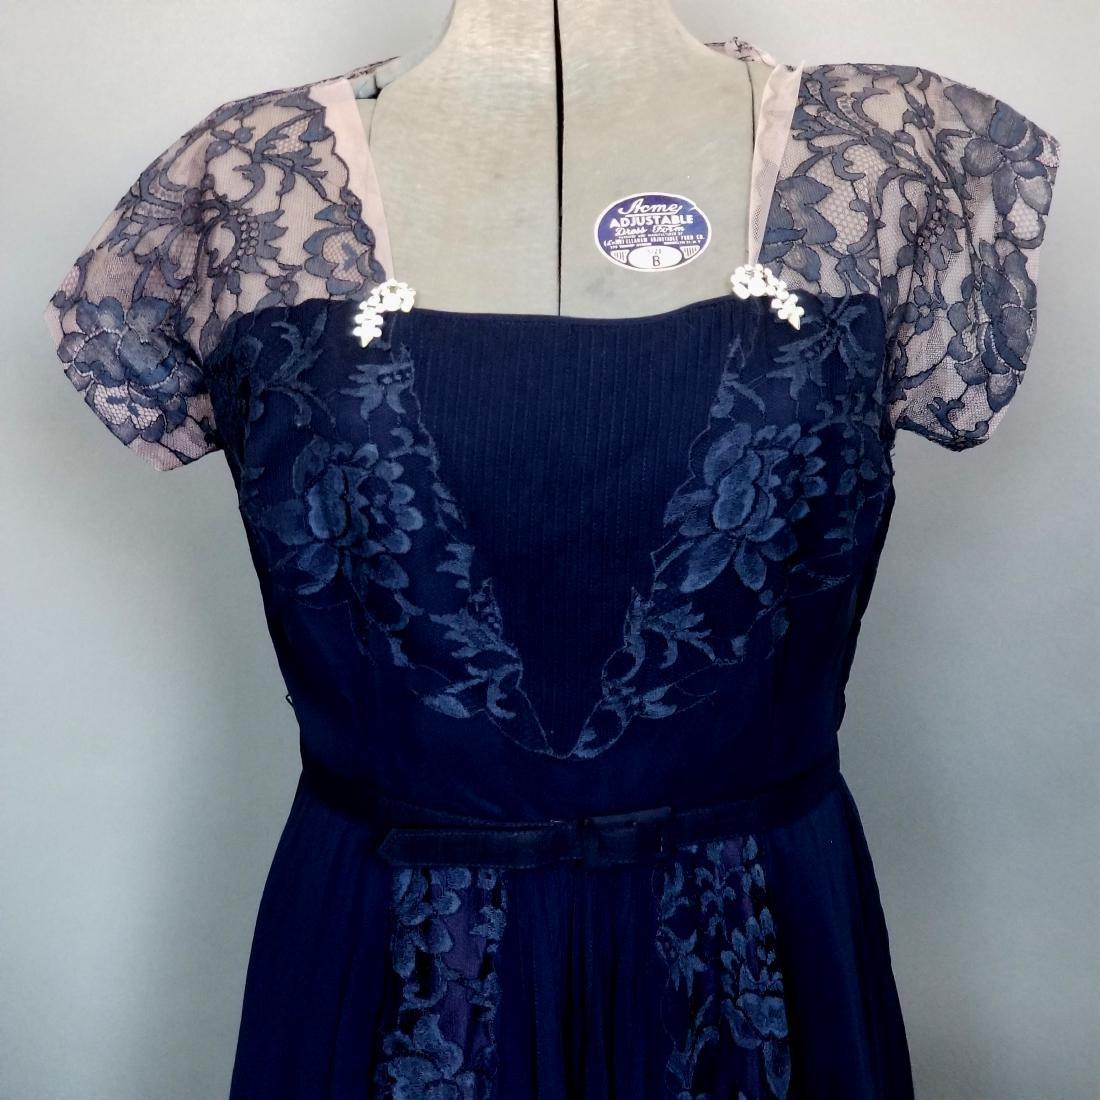 Vintage Navy Cocktail Dress - 2